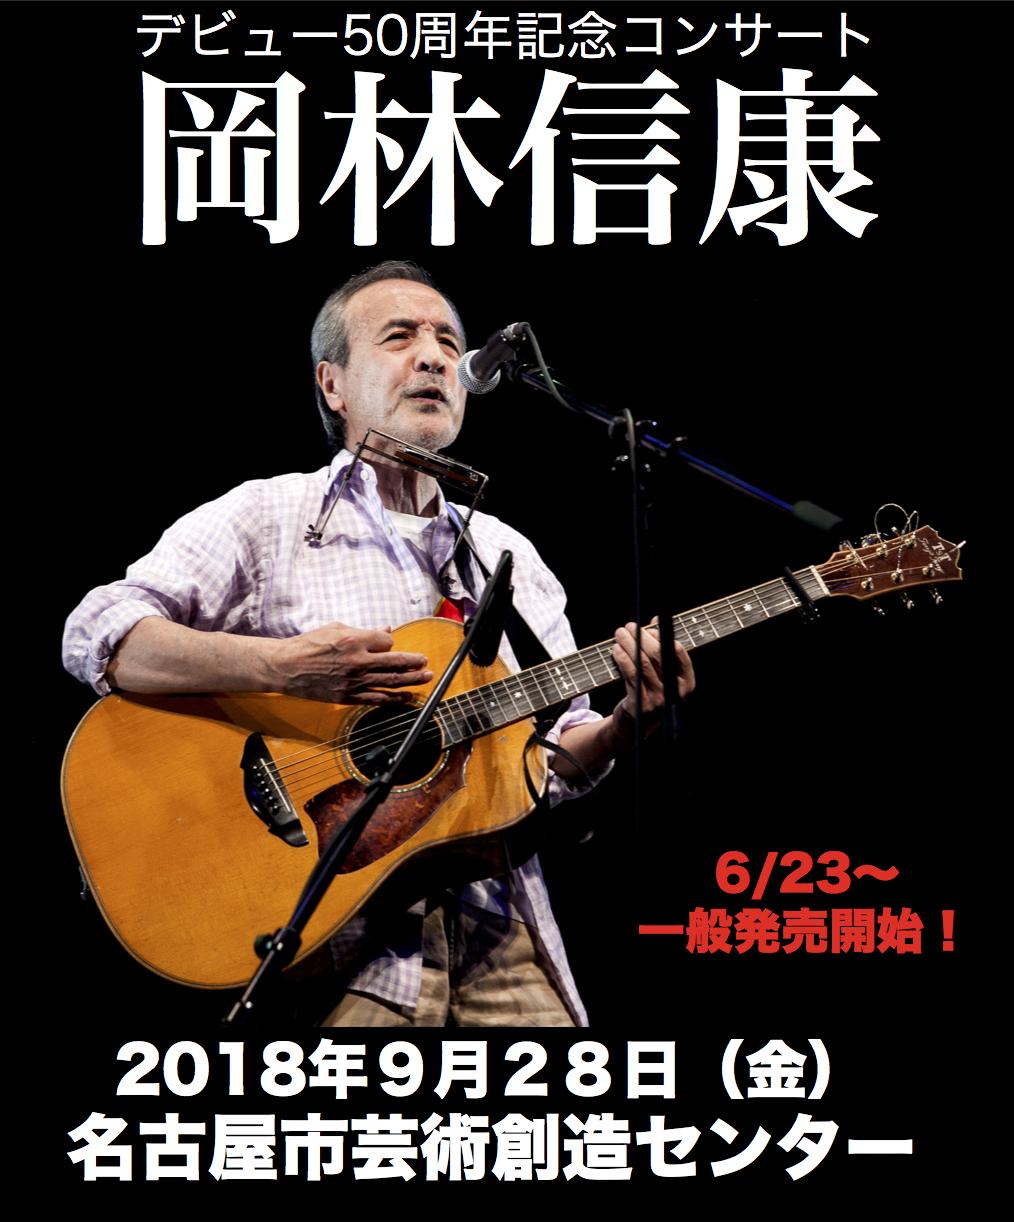 okabayashi2018web.jpg